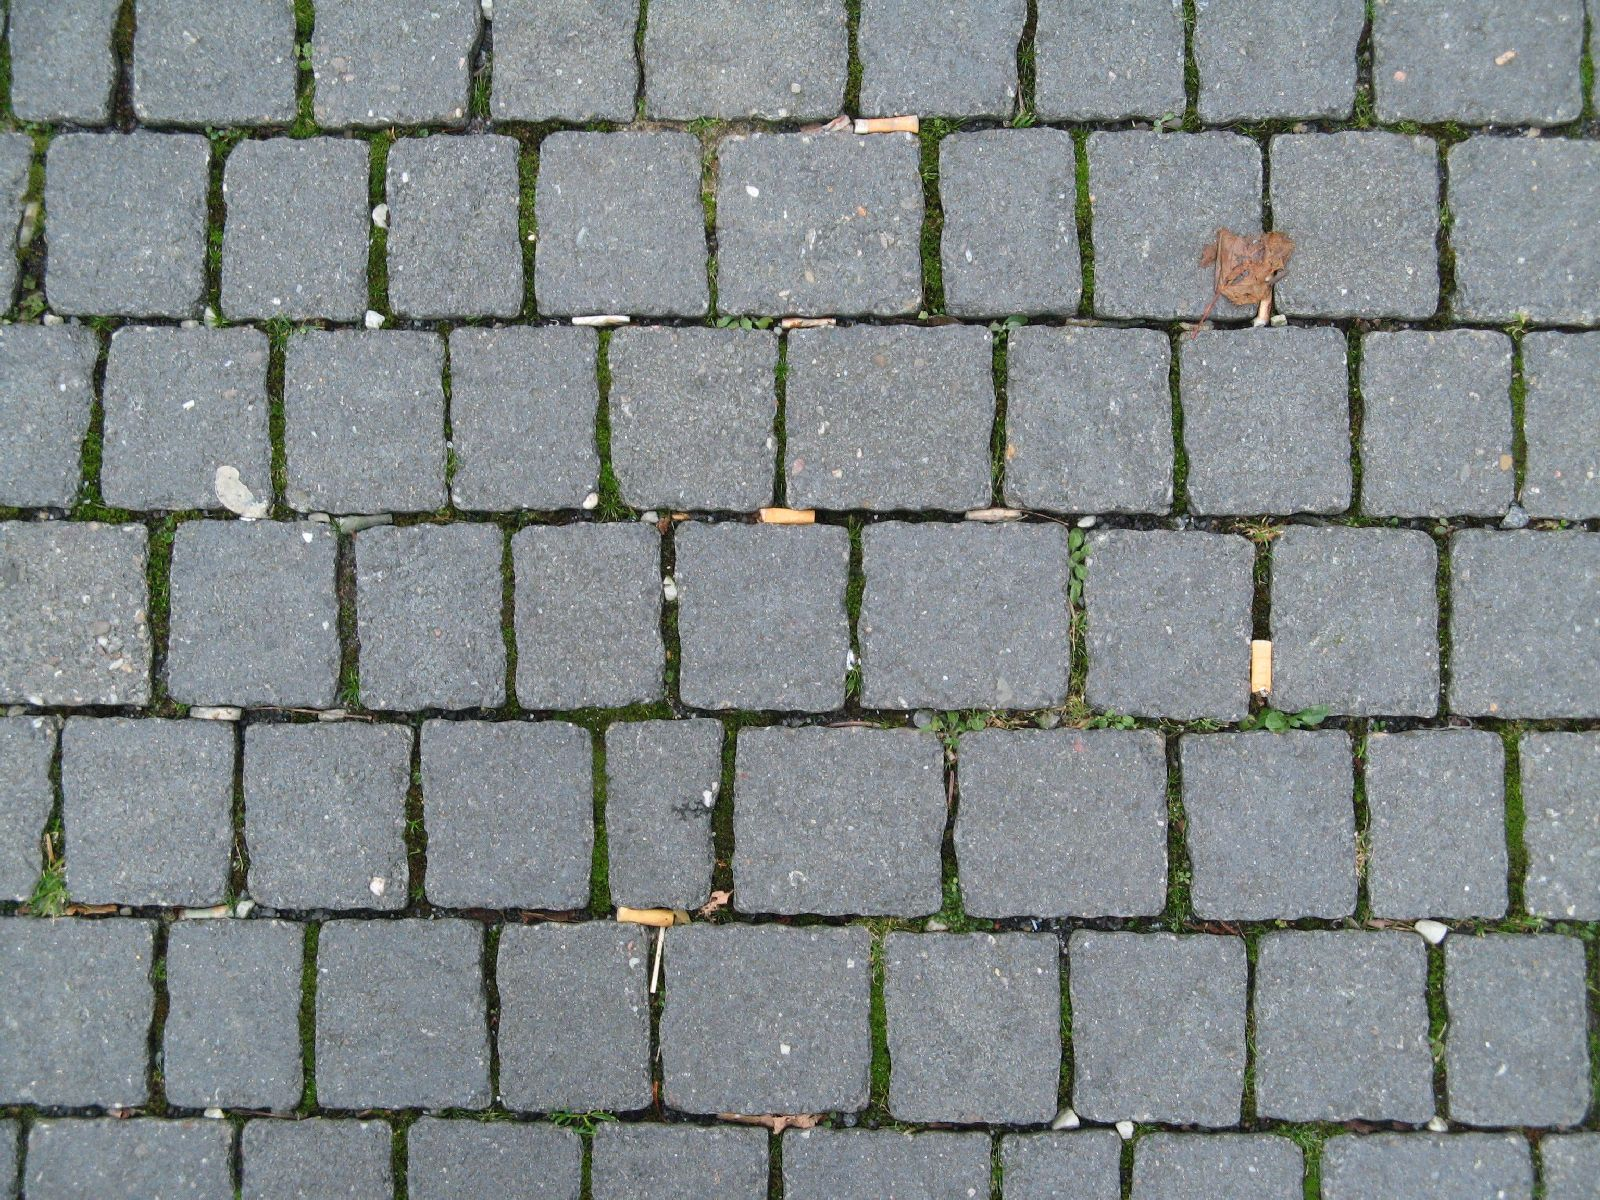 Boden-Gehweg-Strasse-Buergersteig-Textur_B_1550